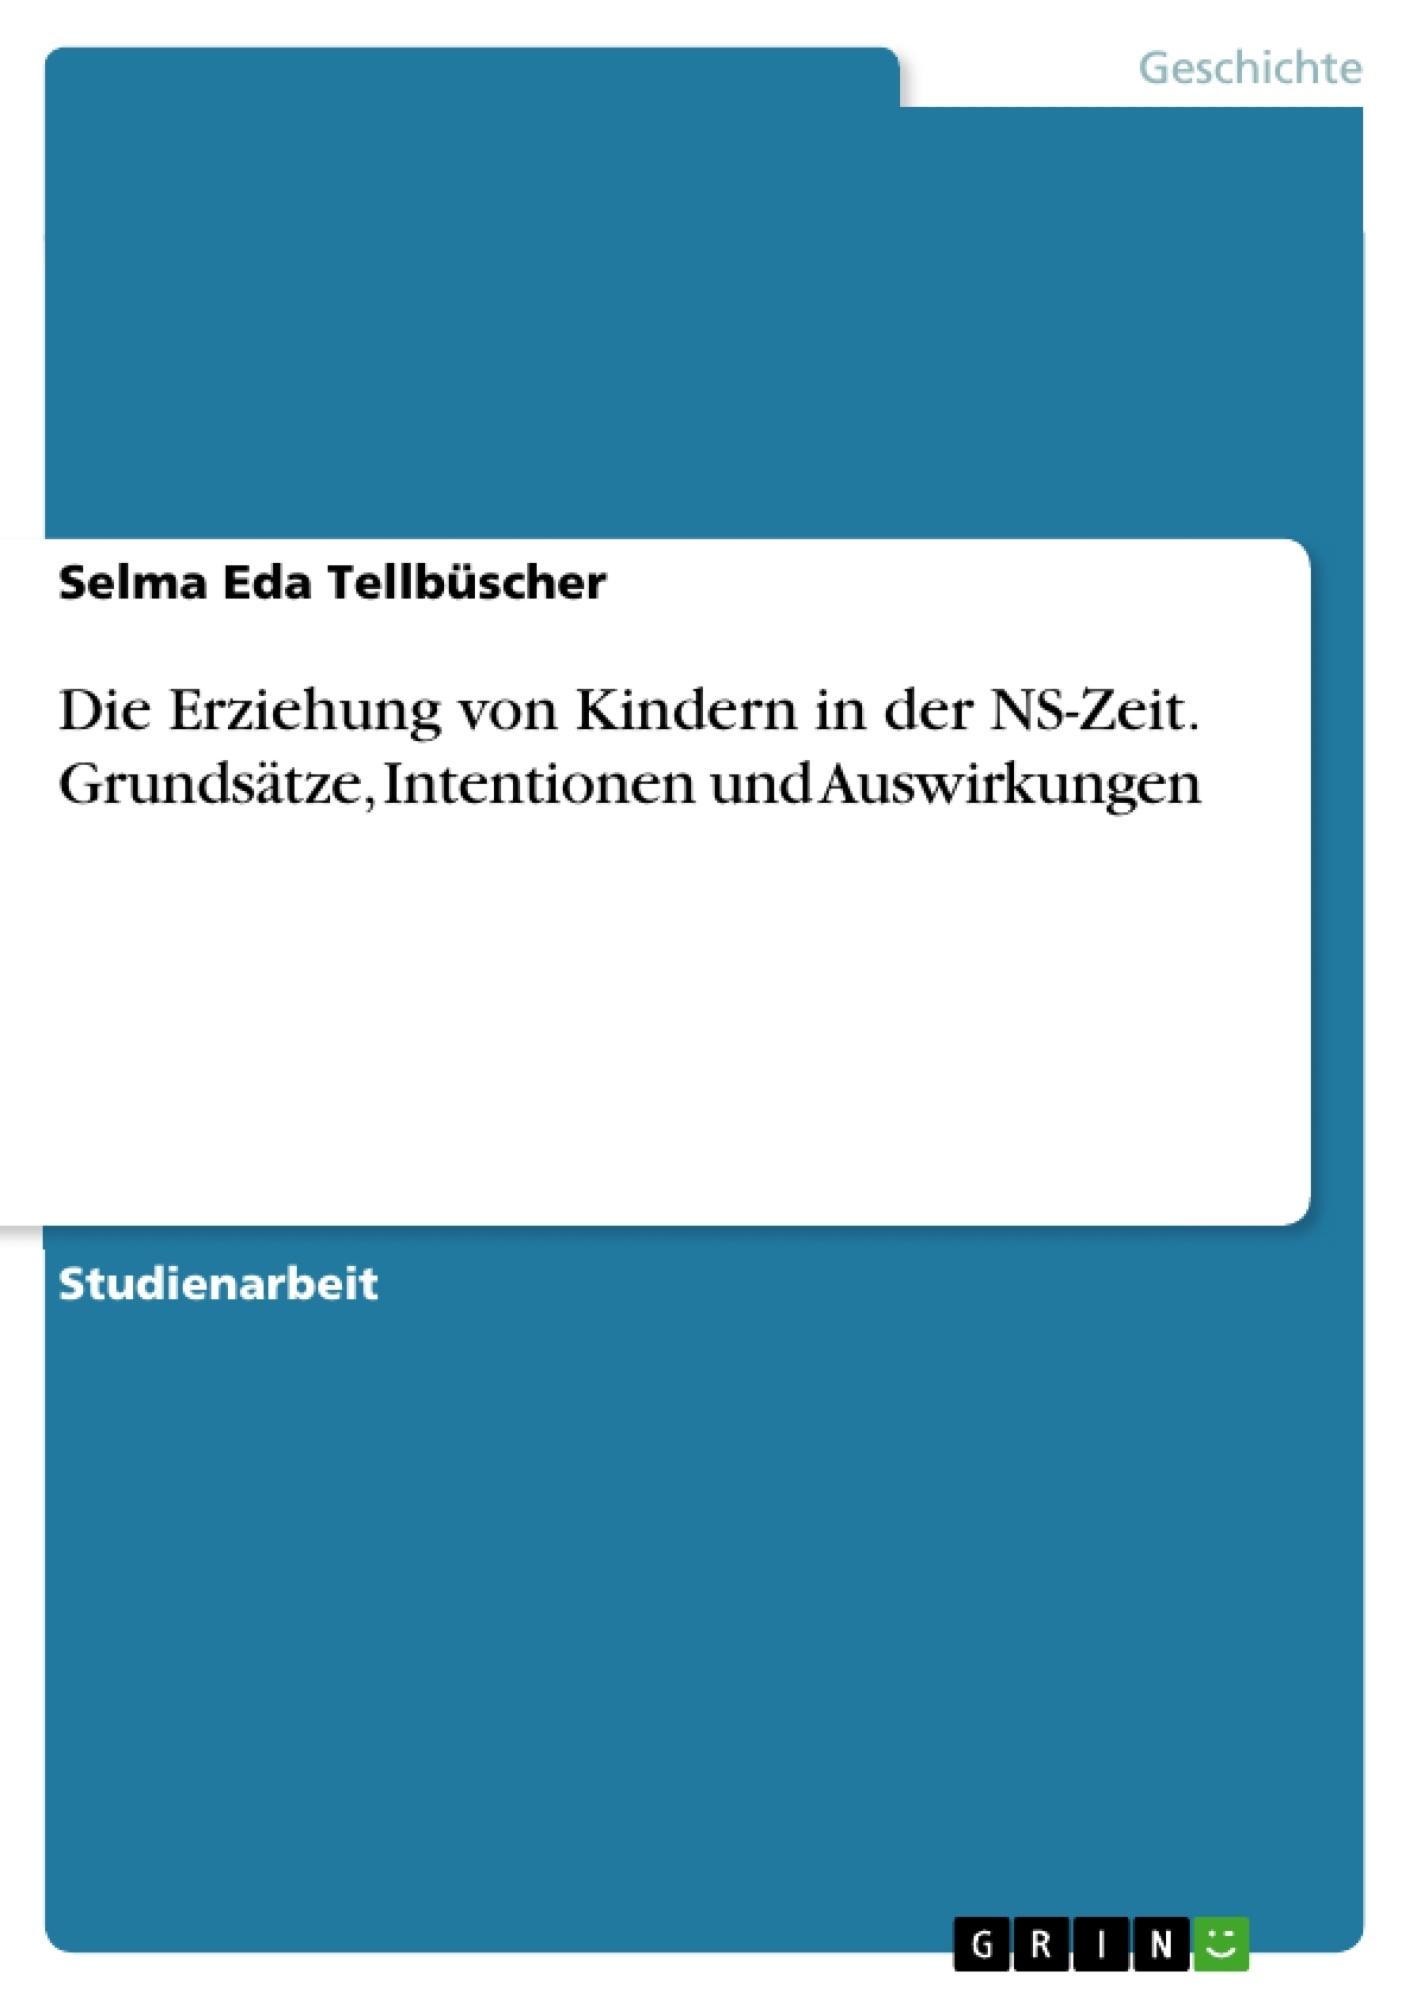 Titel: Die Erziehung von Kindern in der NS-Zeit. Grundsätze, Intentionen und Auswirkungen